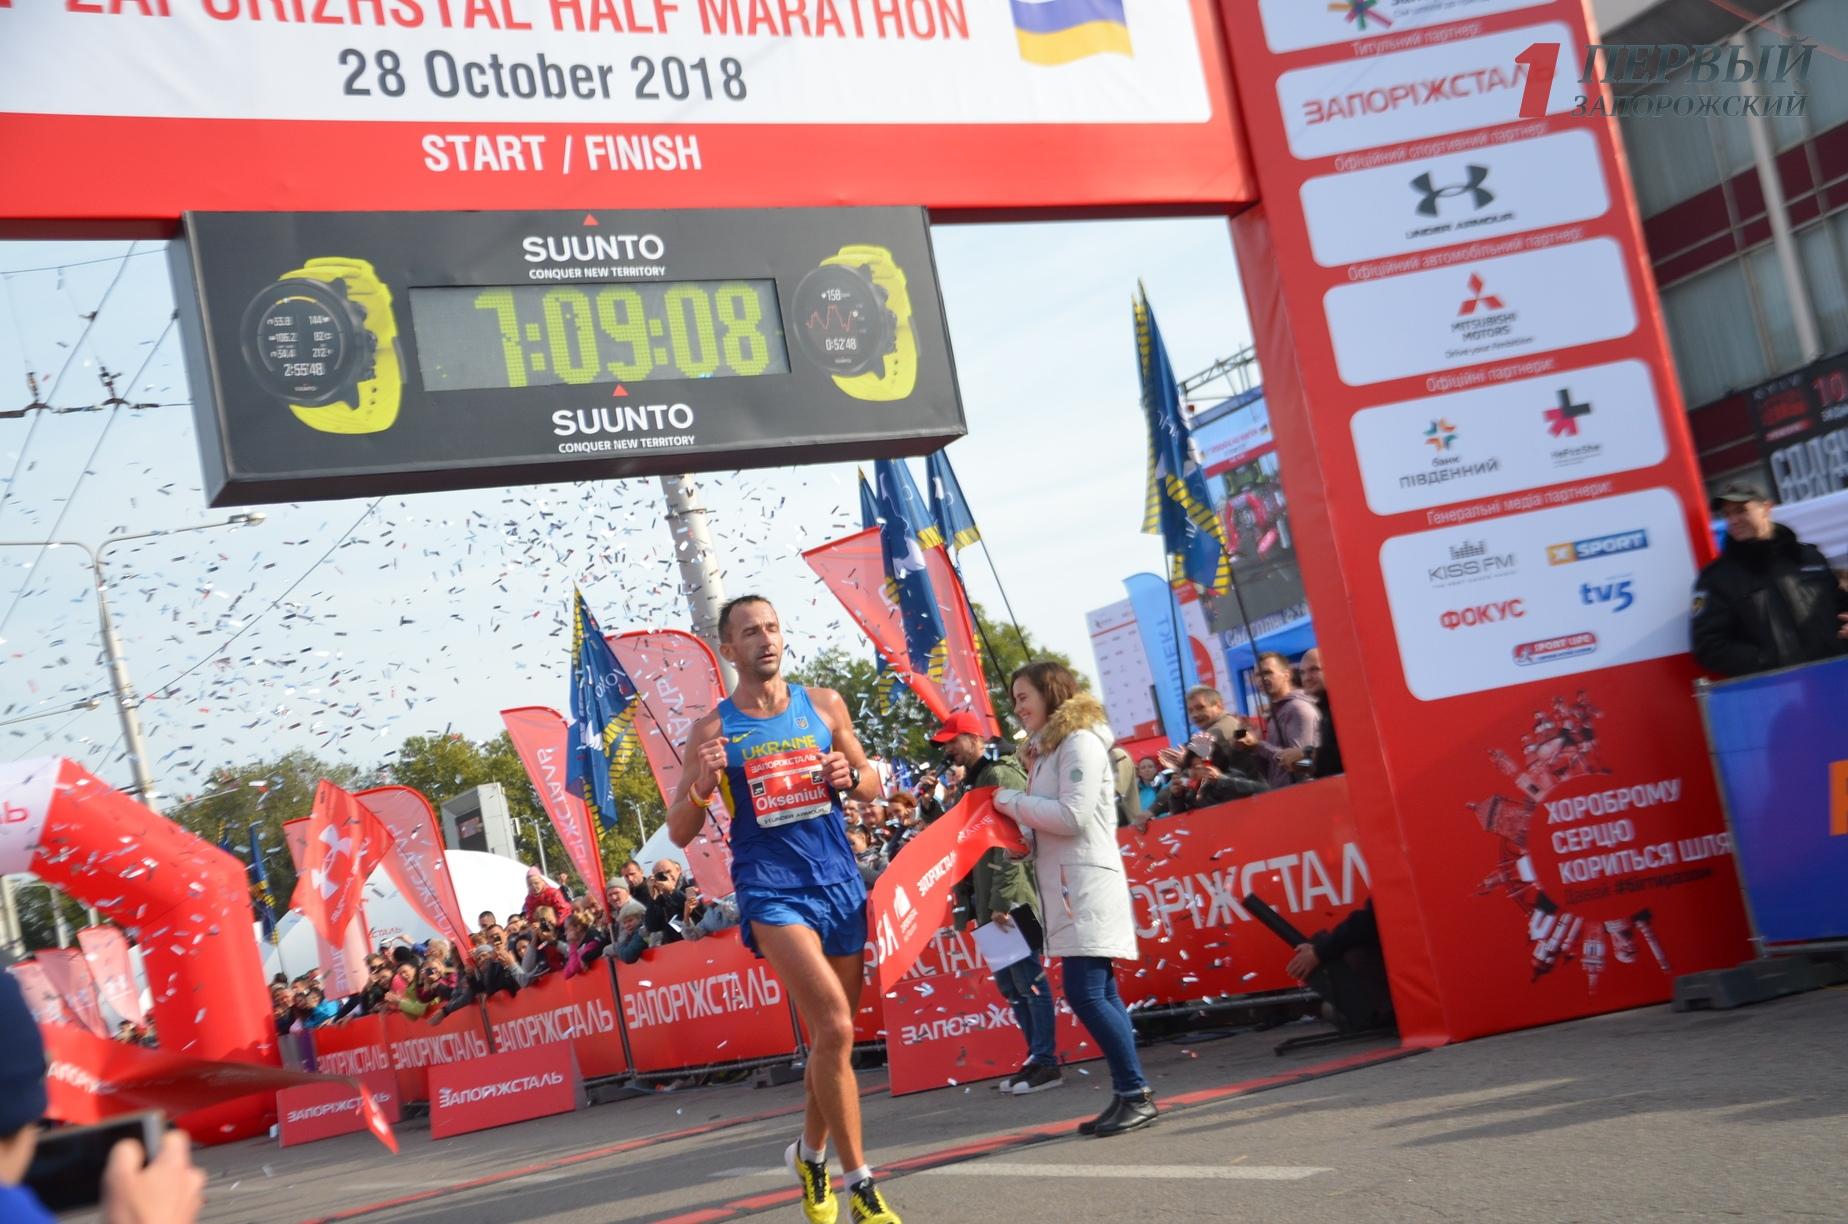 Благотворительность, стремление к победе и детская радость: как в Запорожье прошел второй «Zaporizhstal Half Marathon» - ФОТО